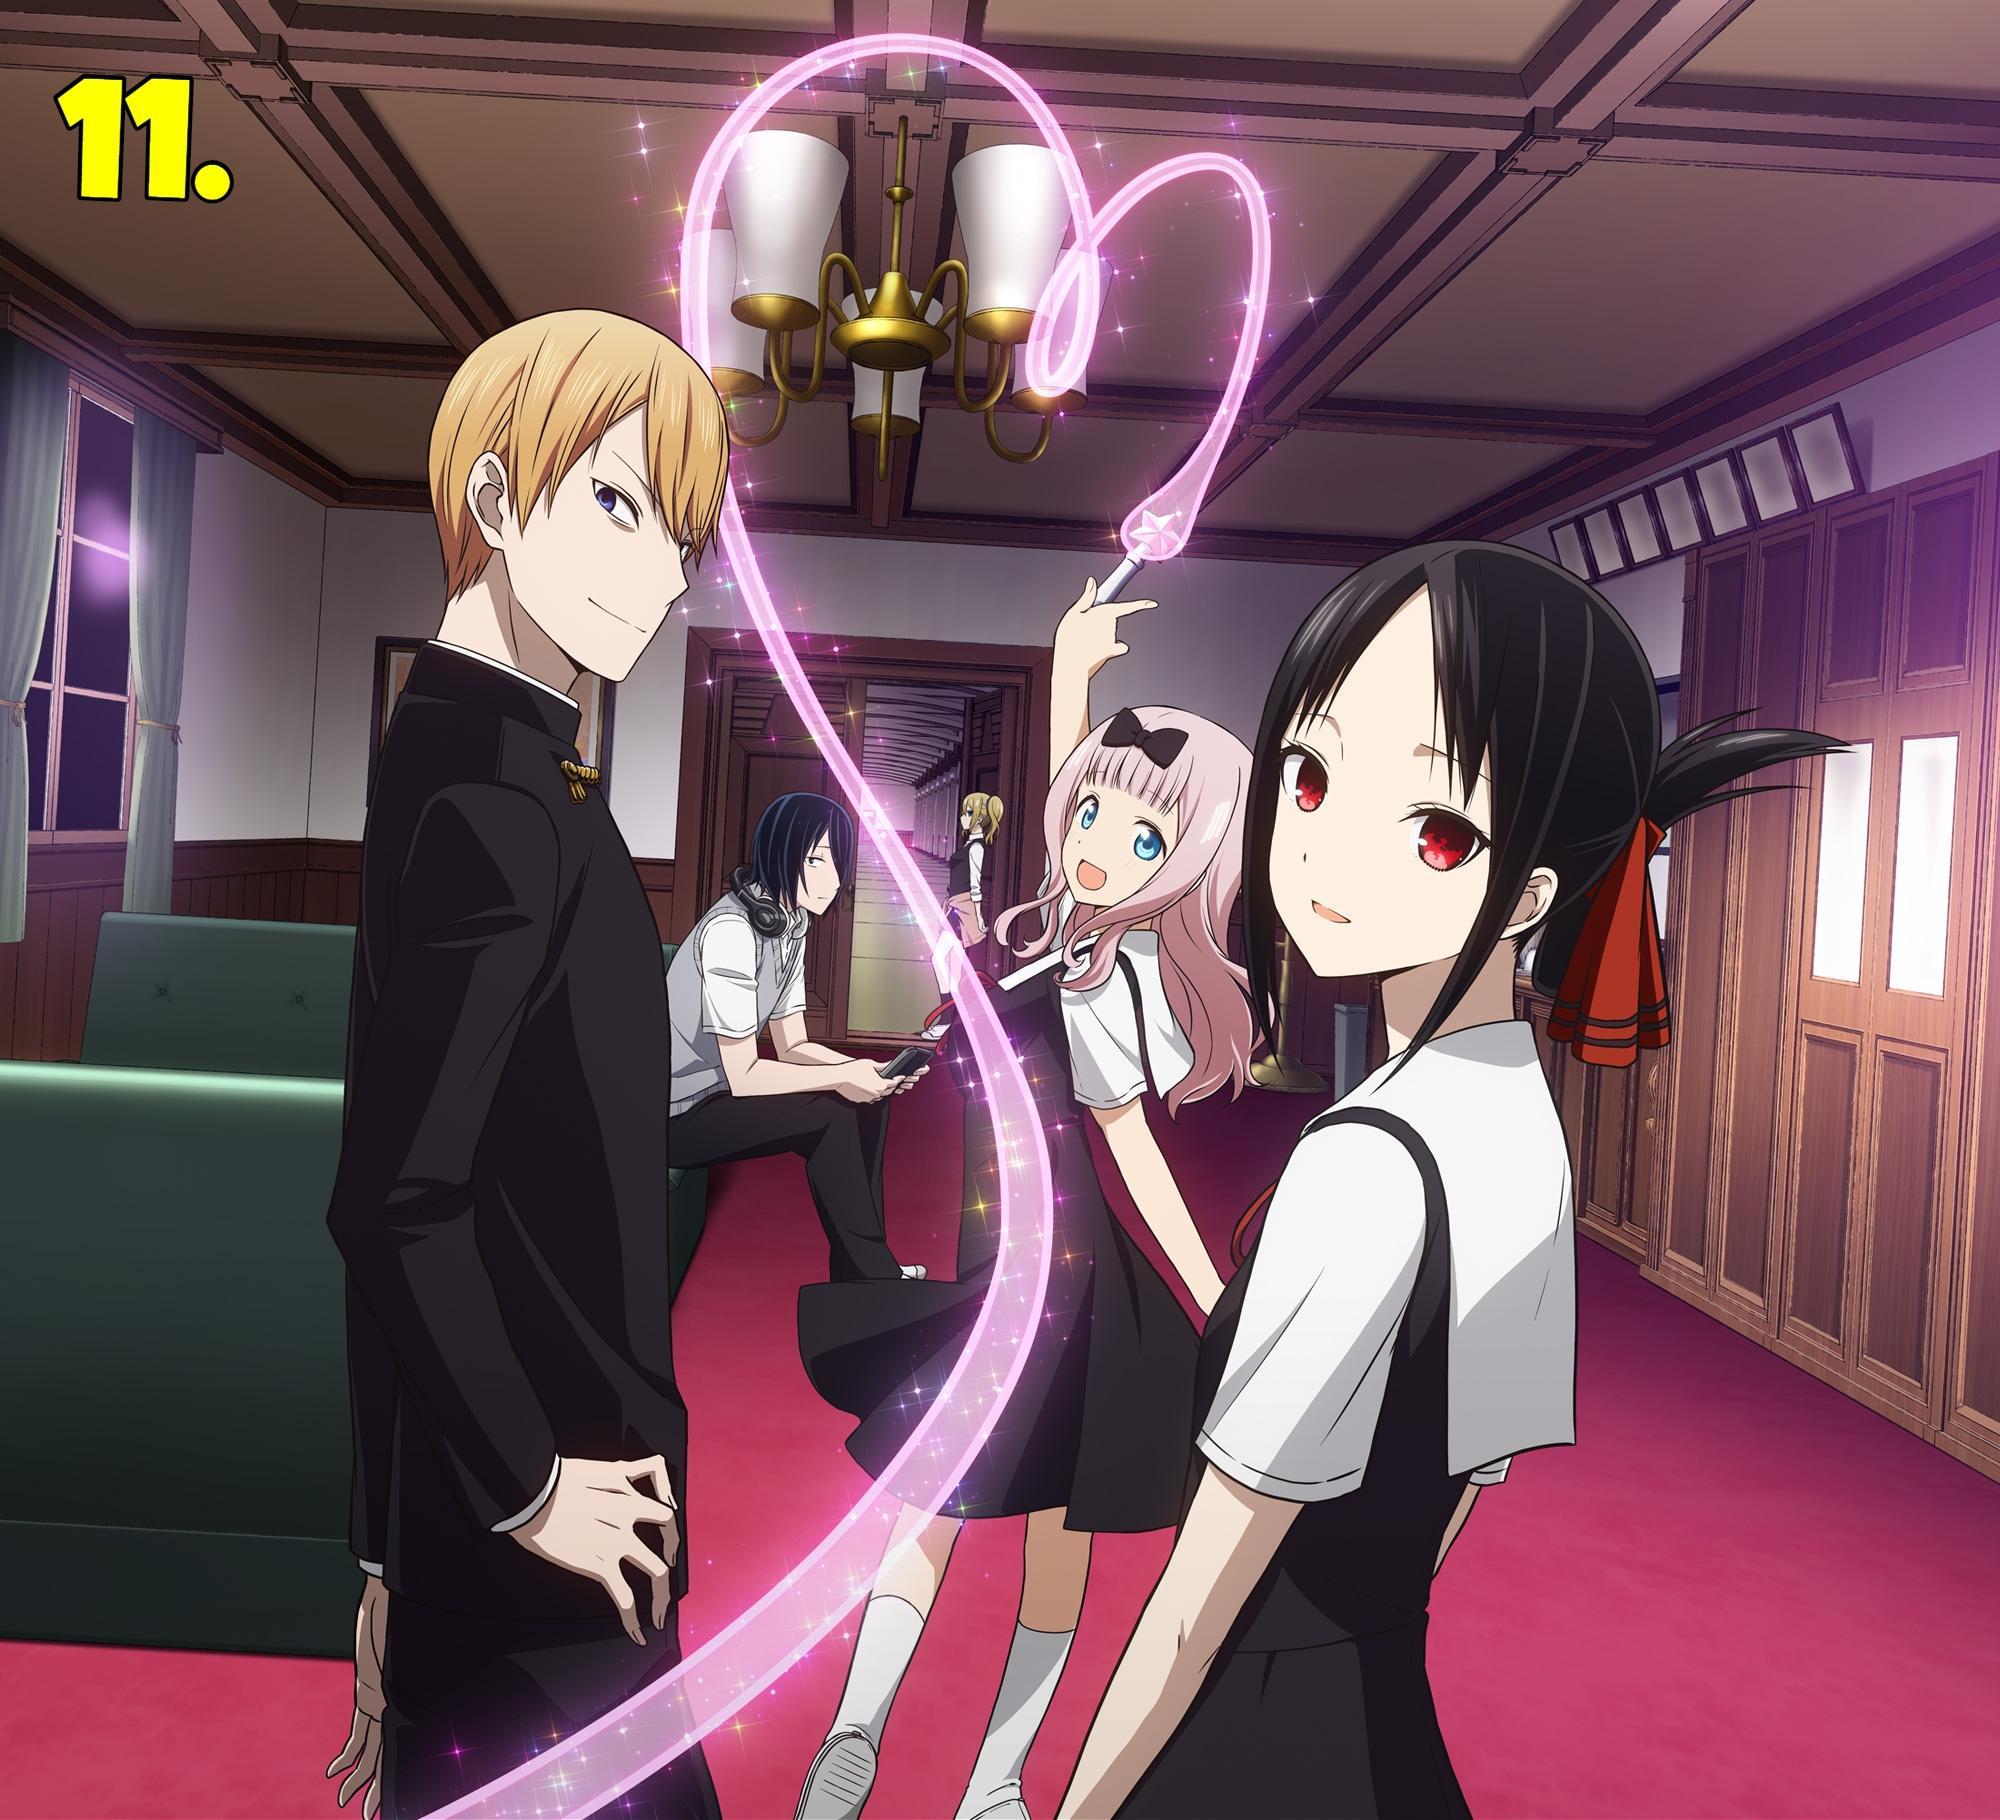 Kaguya-sama Love is War